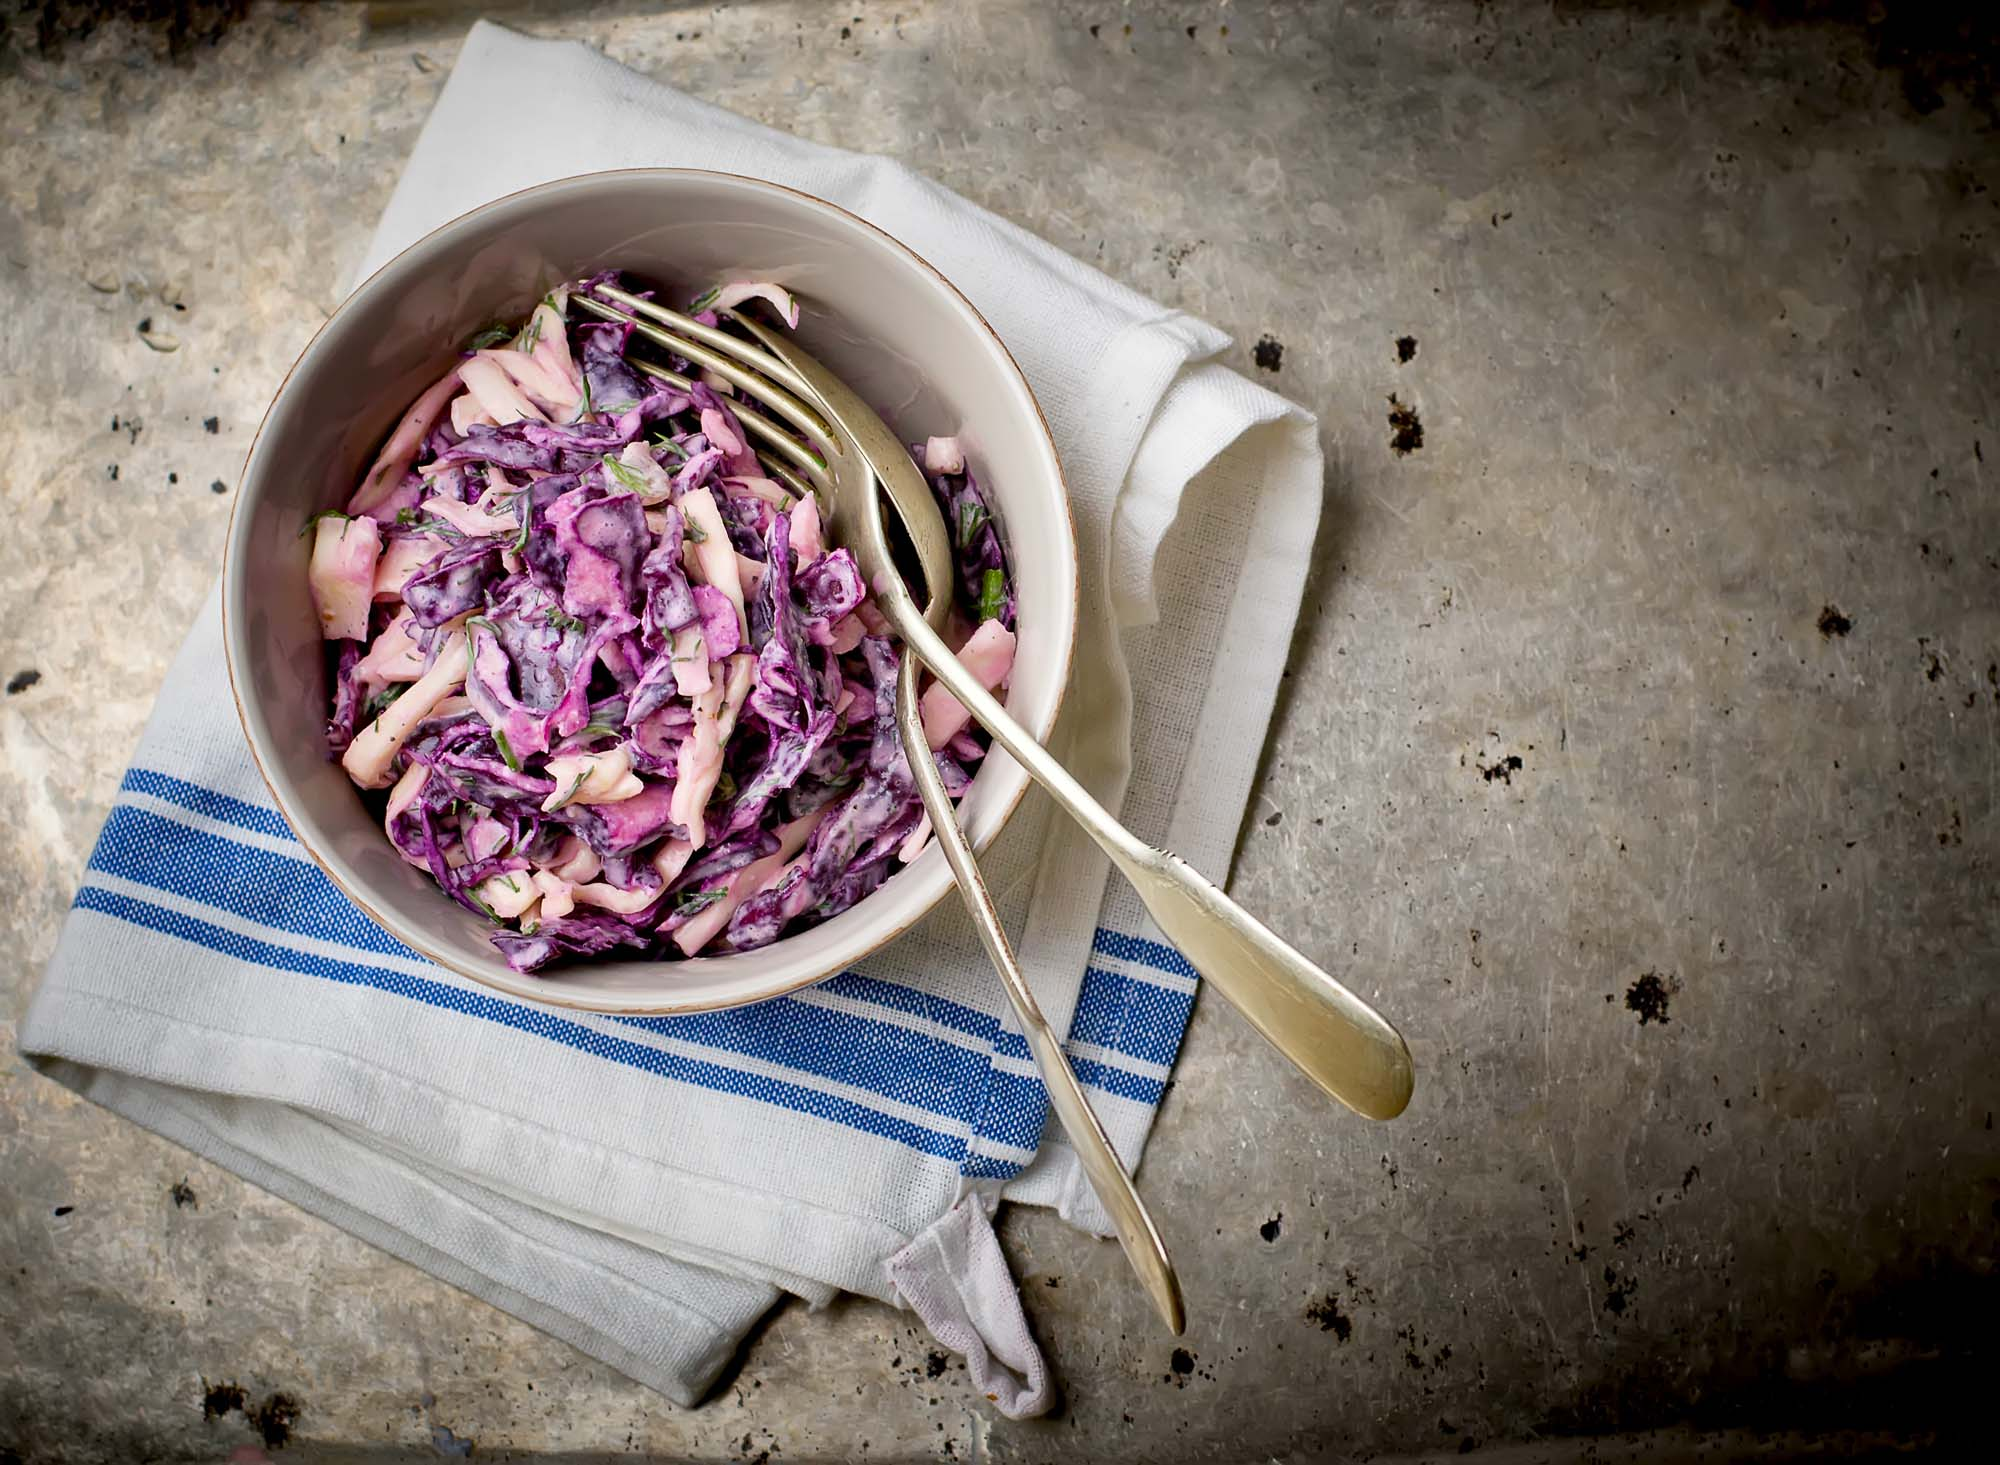 Fennikel coleslaw